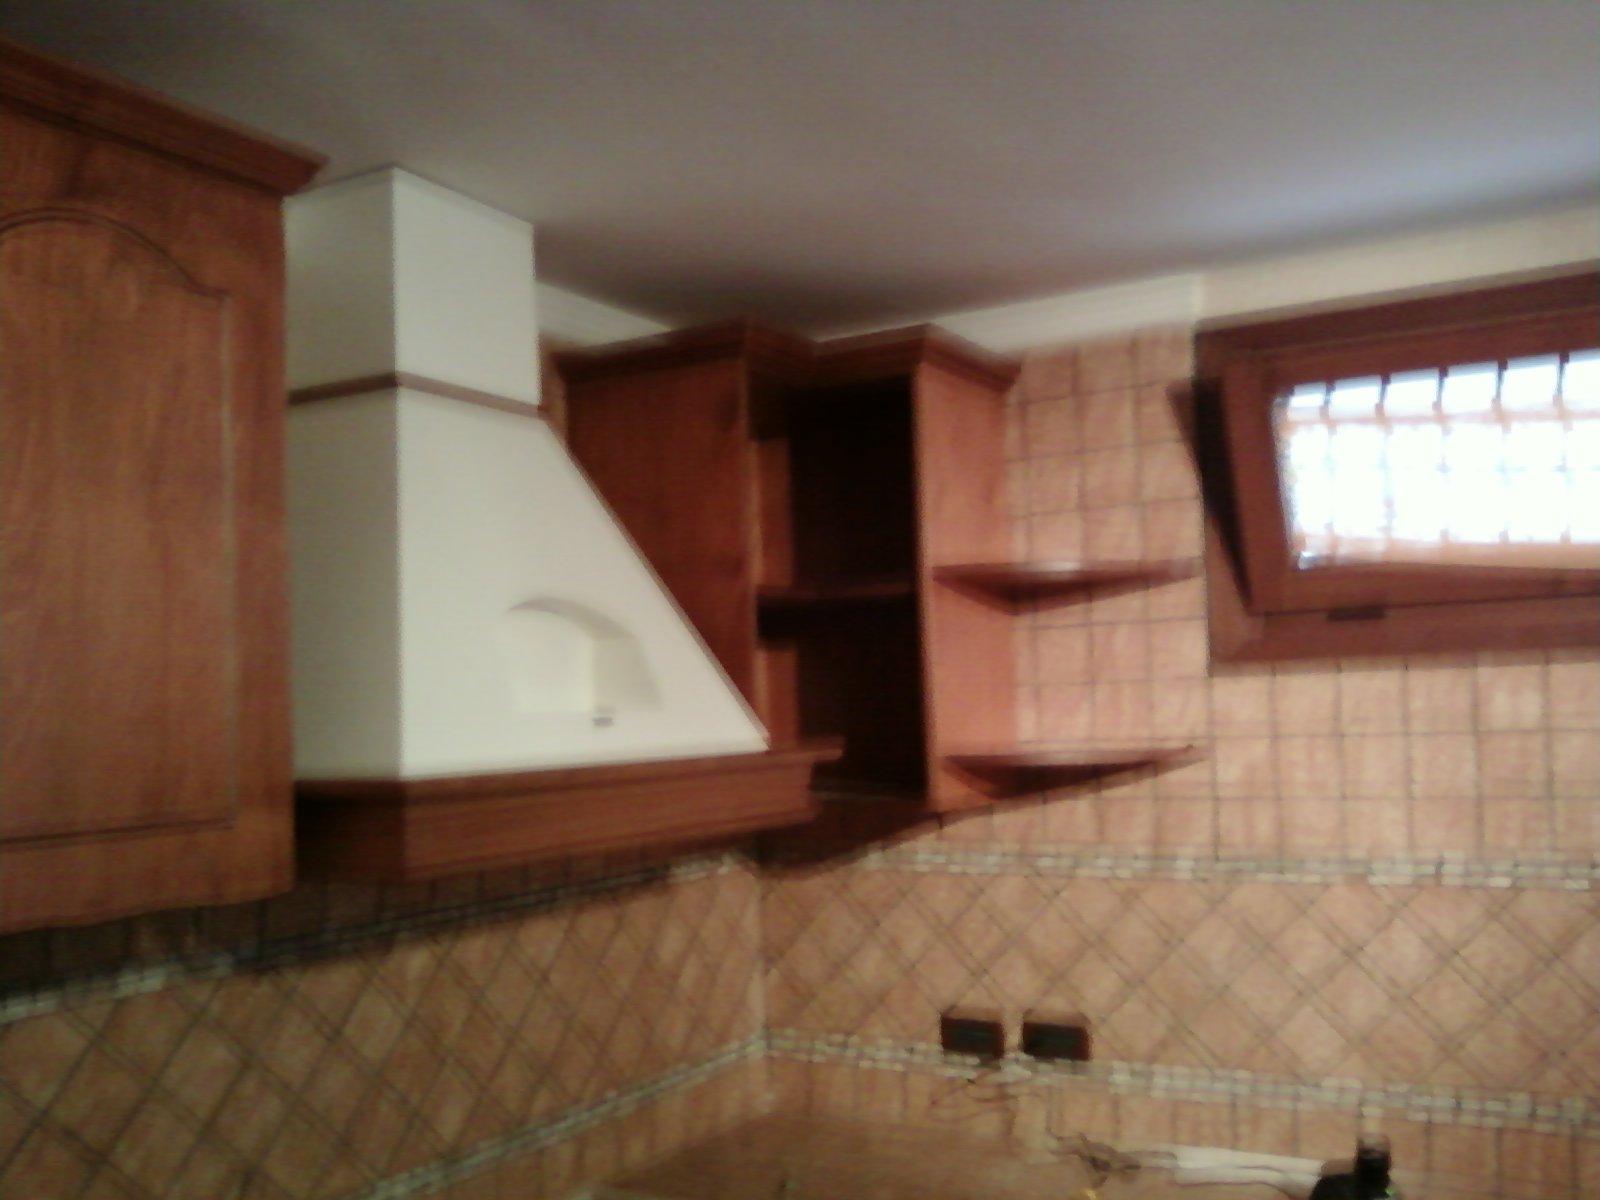 FAI DA TE HOBBY LEGNO: Cucina In Muratura #382014 1600 1200 Armadietti Cucina Fai Da Te